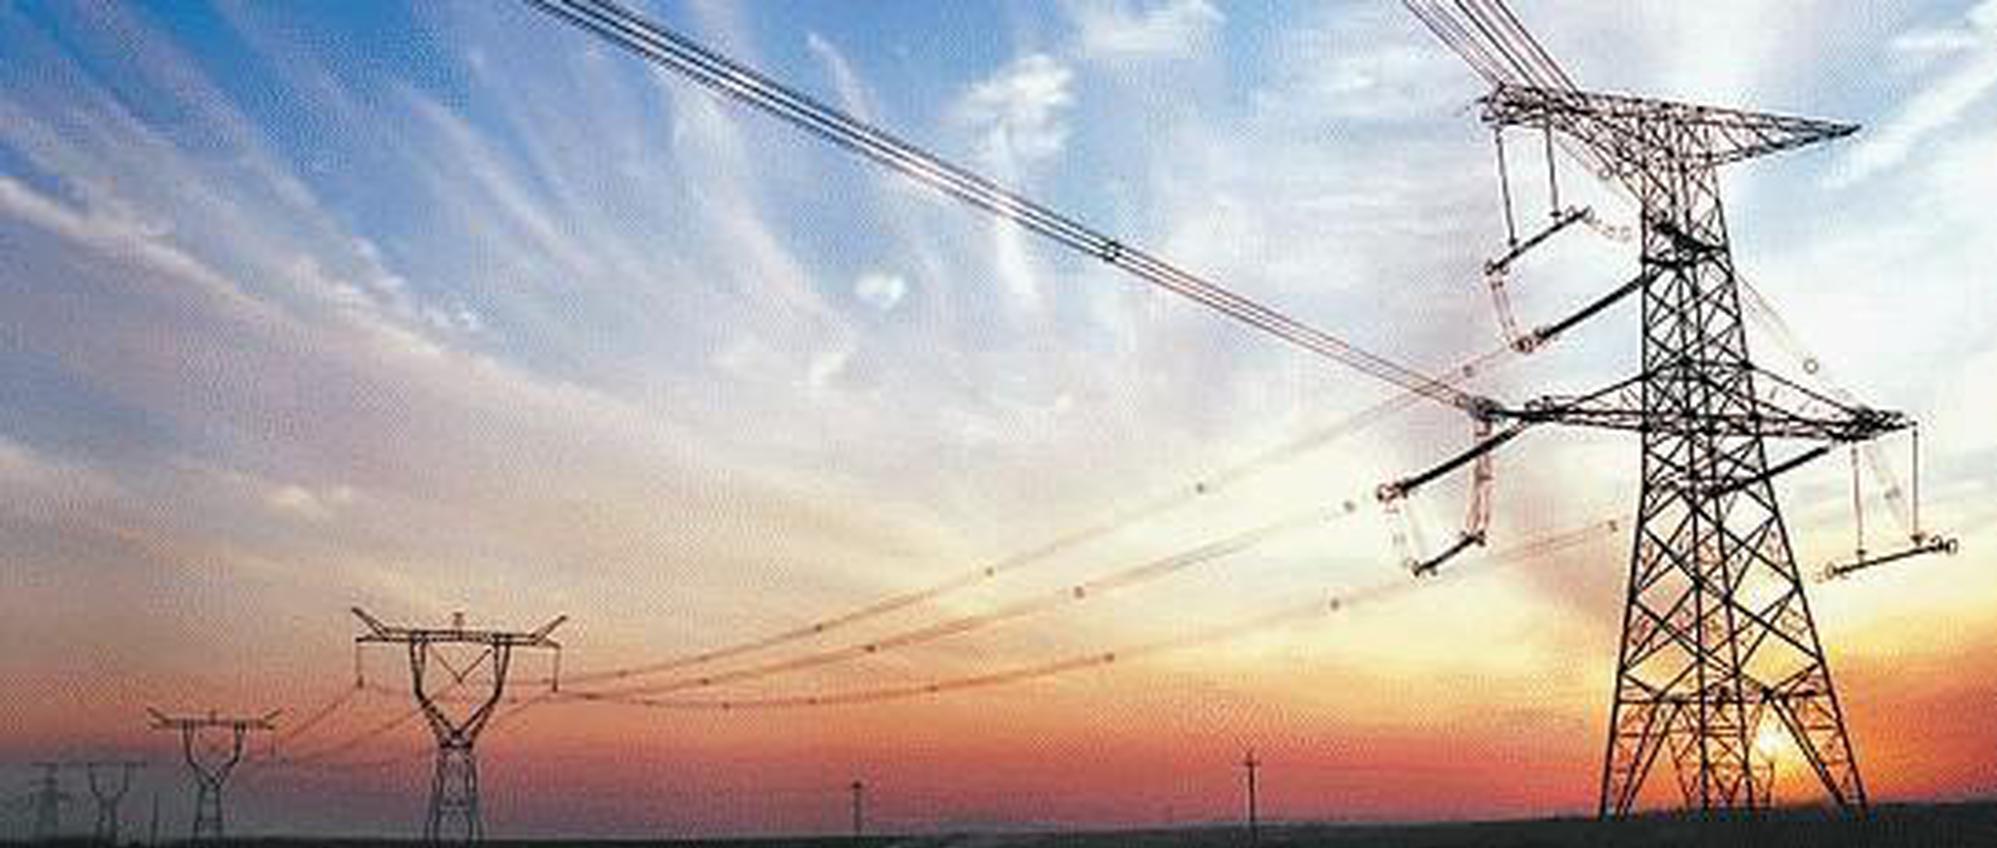 首次!国网福建电力售电量突破2000亿千瓦时大关